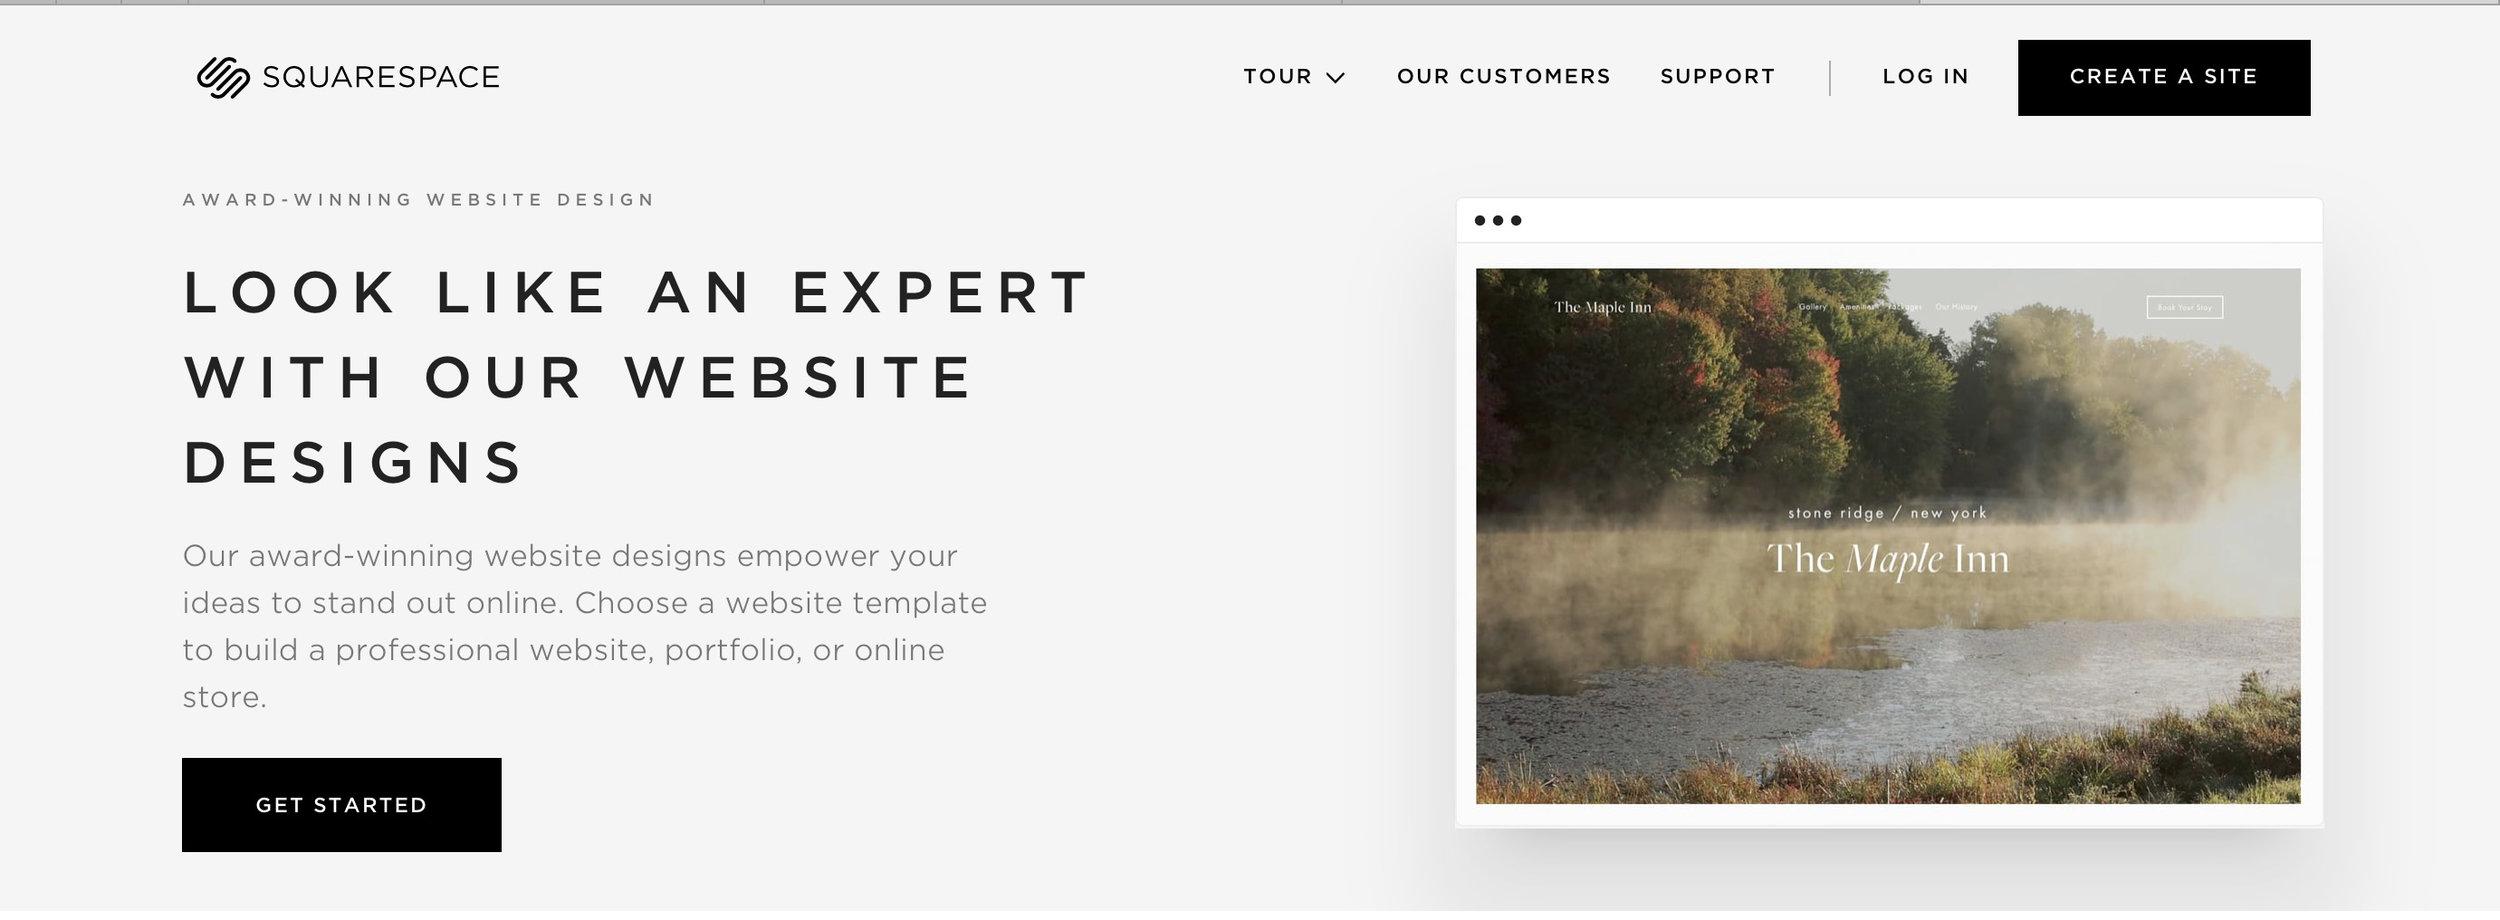 www.squarespace.com